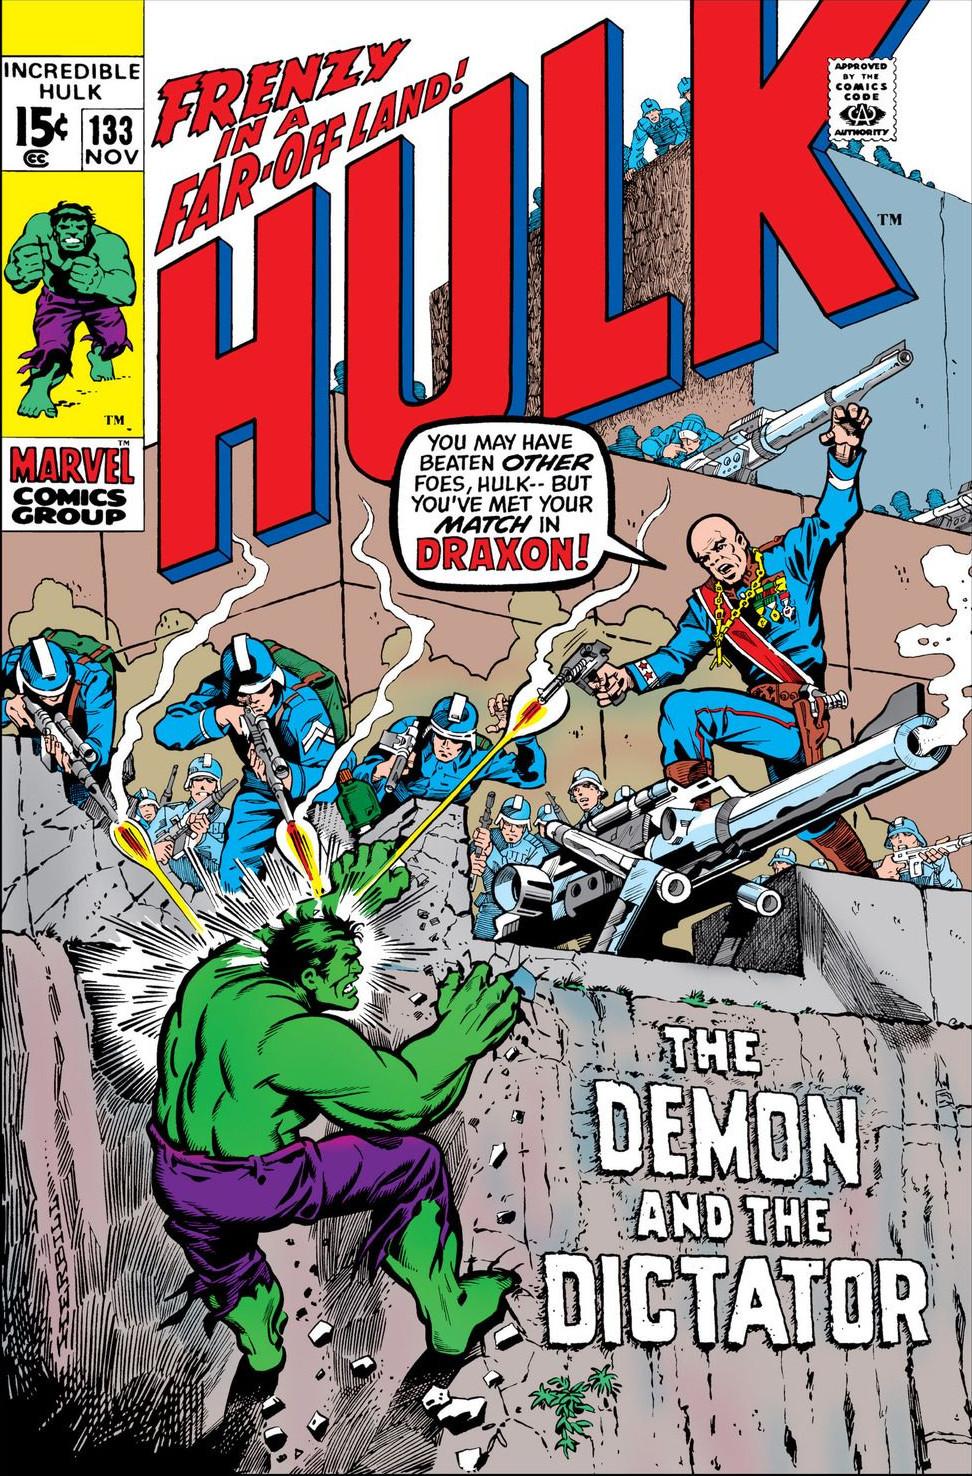 Incredible Hulk Vol 1 133